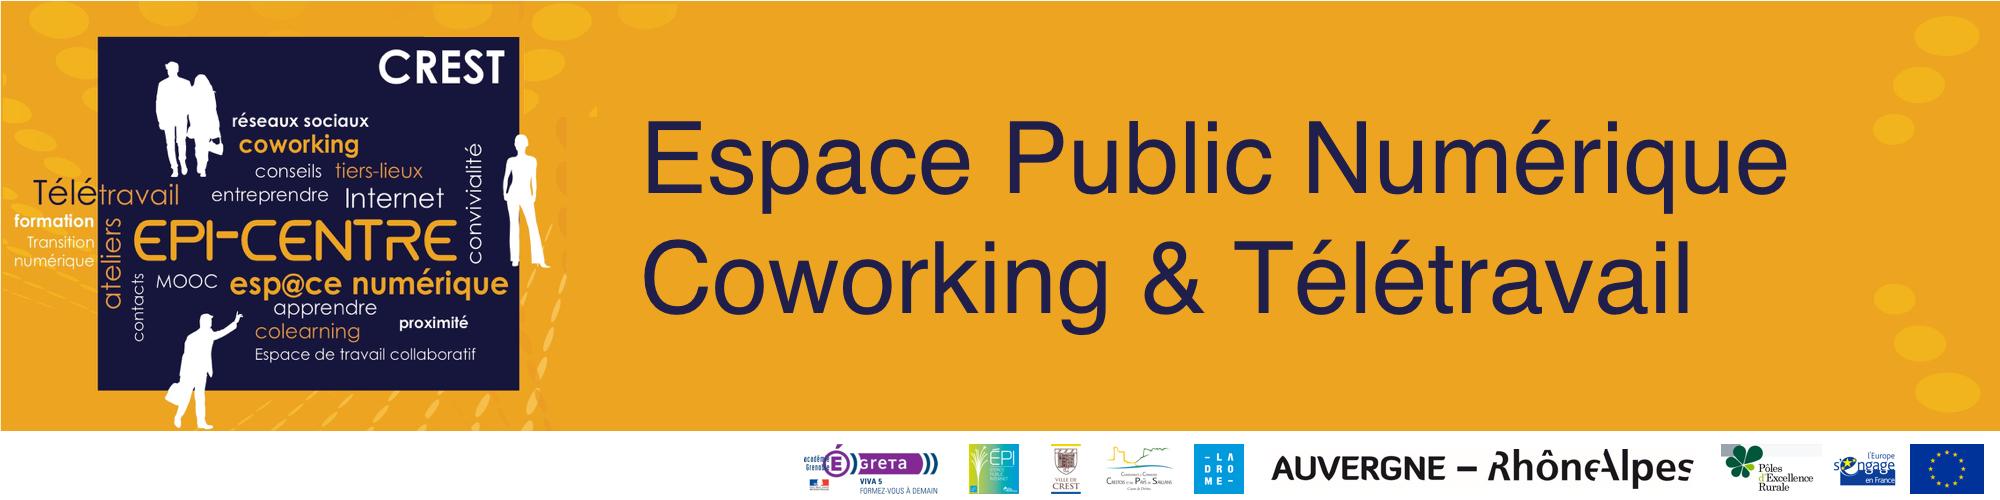 Epi-Centre Espace Public Internet Coworking Télétravail Crest Drôme